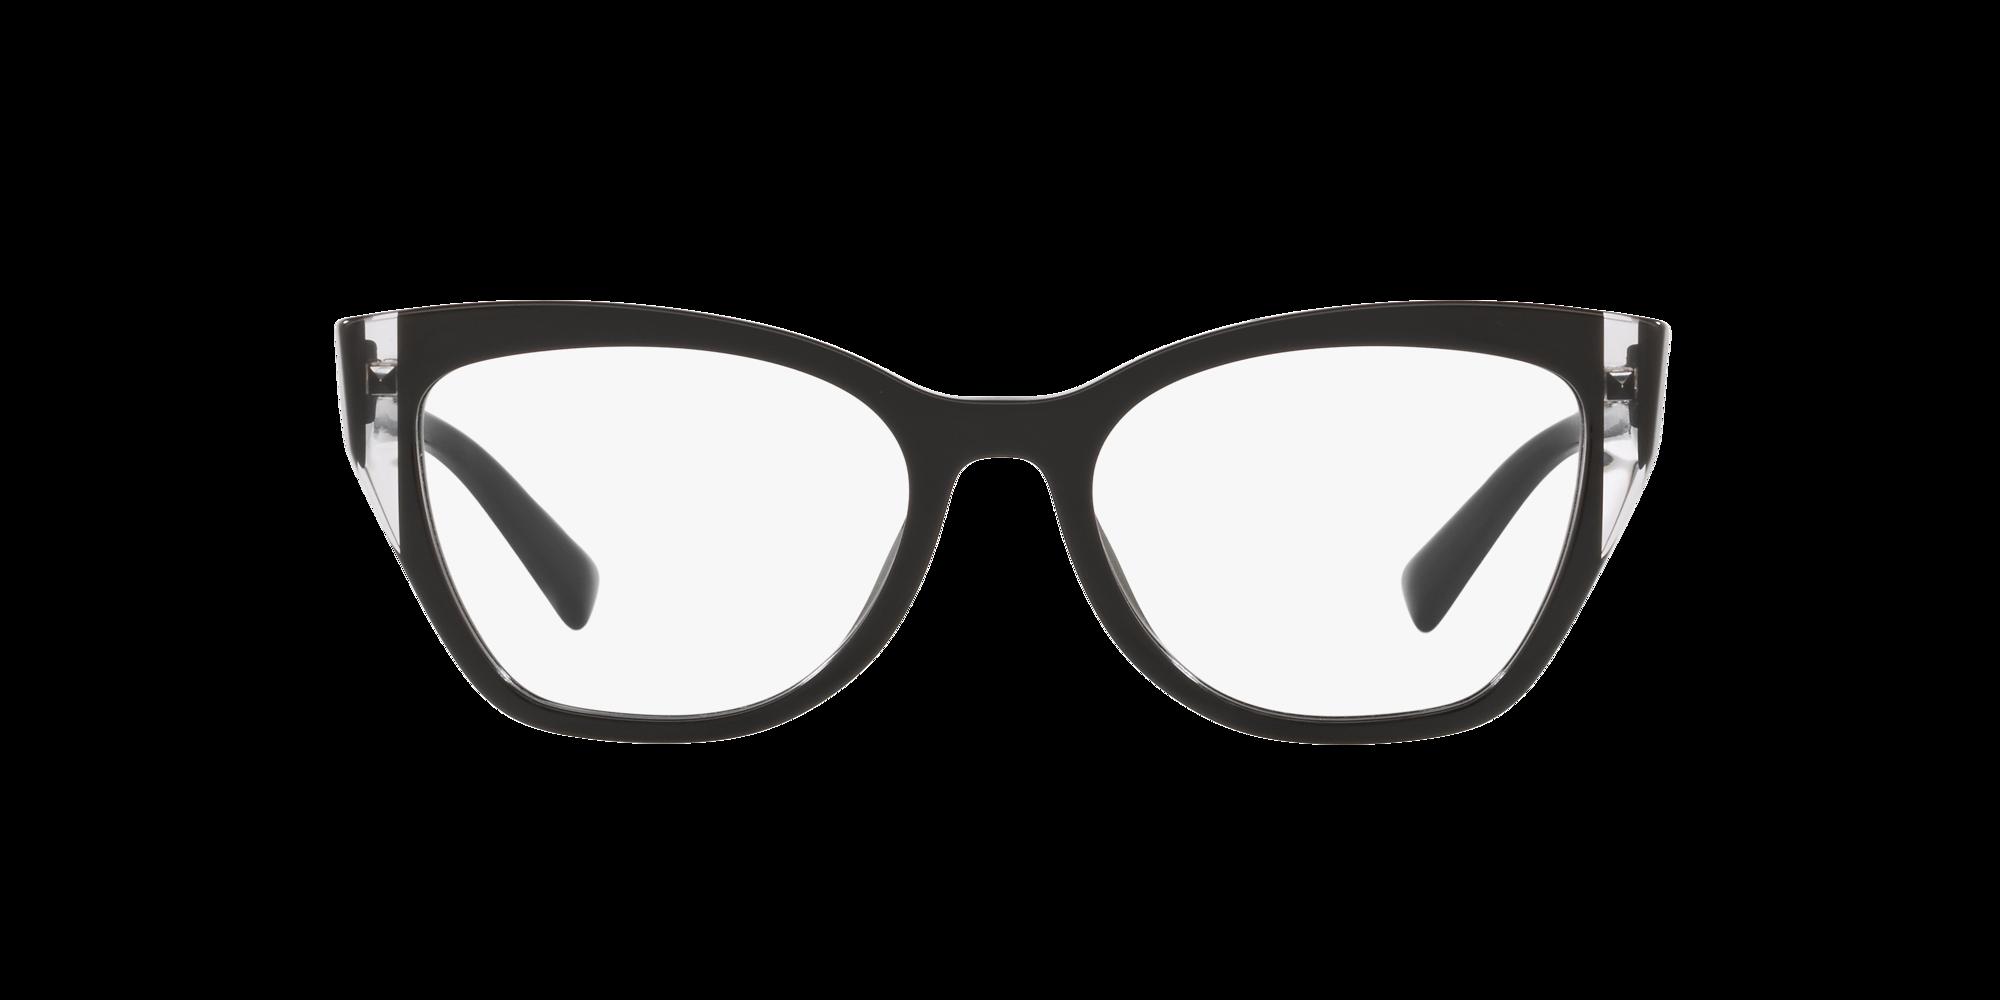 Imagen para VA3029 de LensCrafters |  Espejuelos, espejuelos graduados en línea, gafas